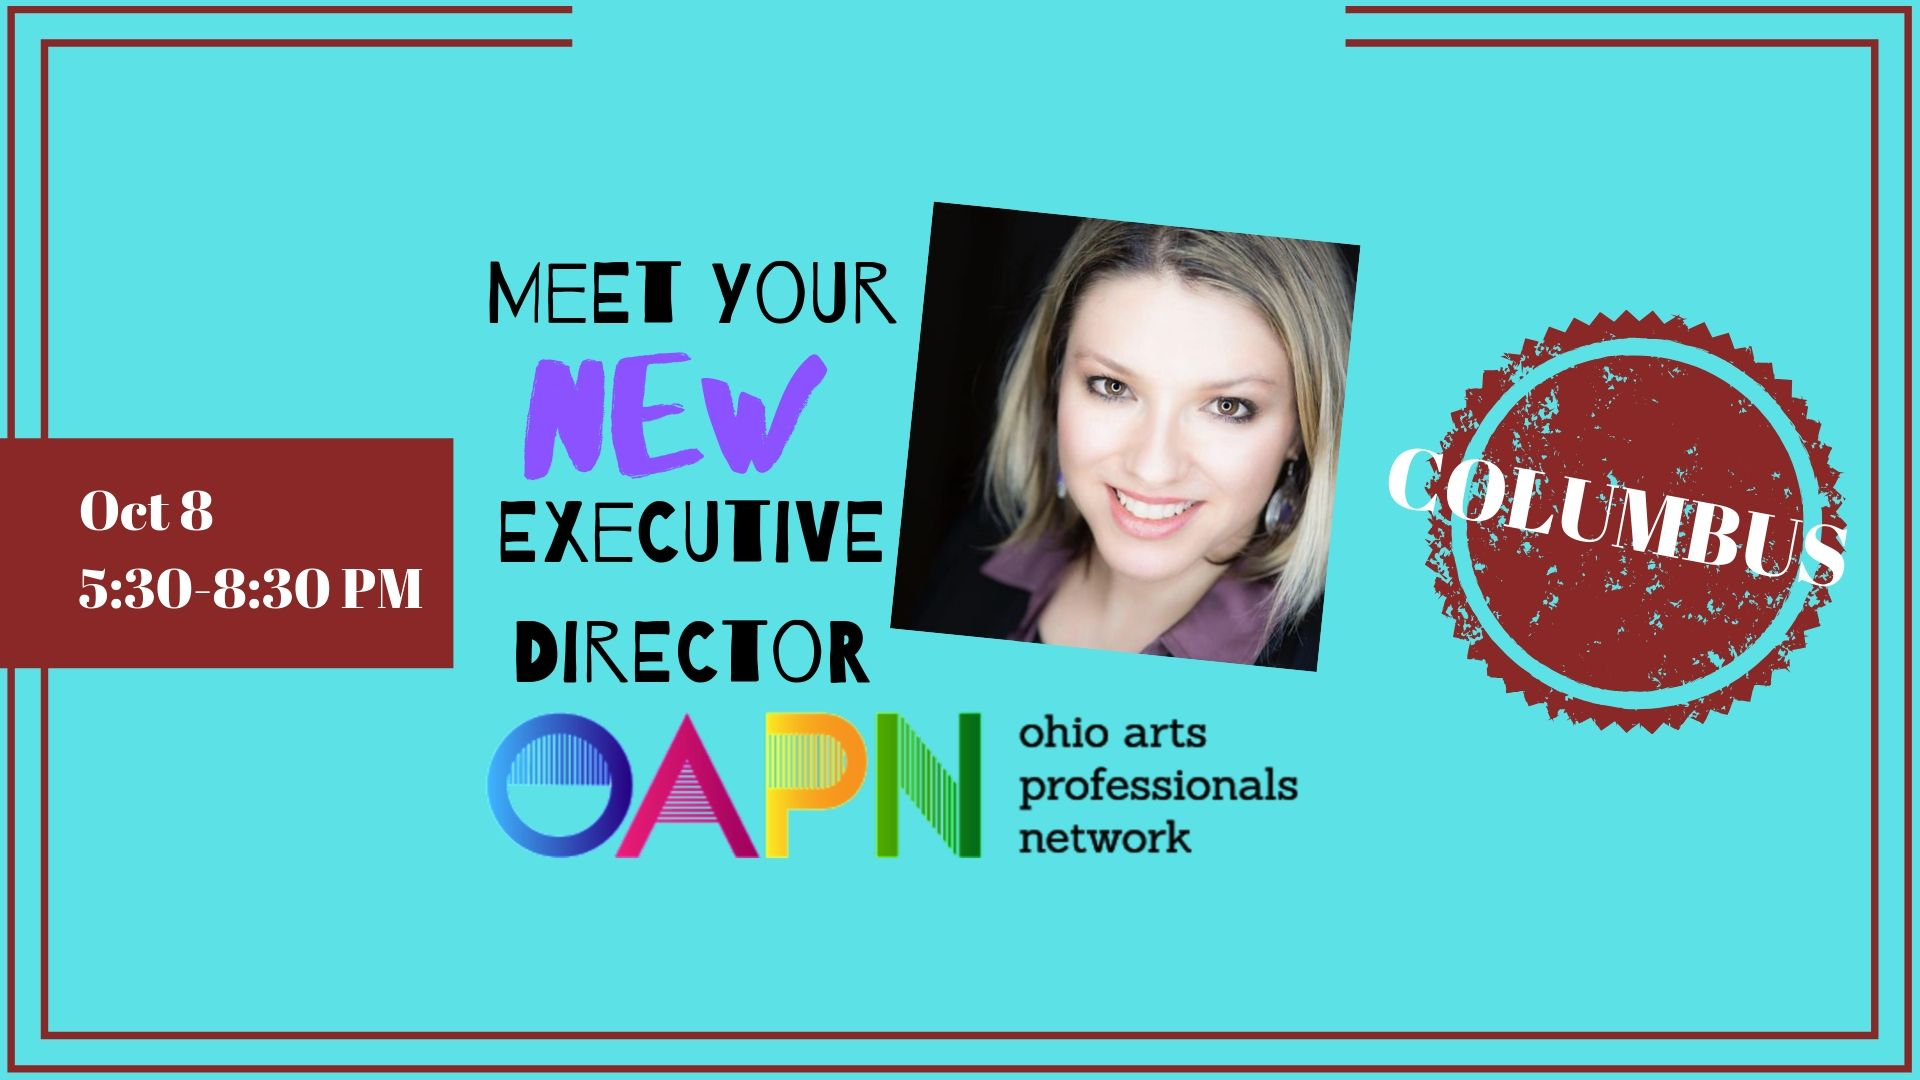 Meet Your New Executive Director - Columbus